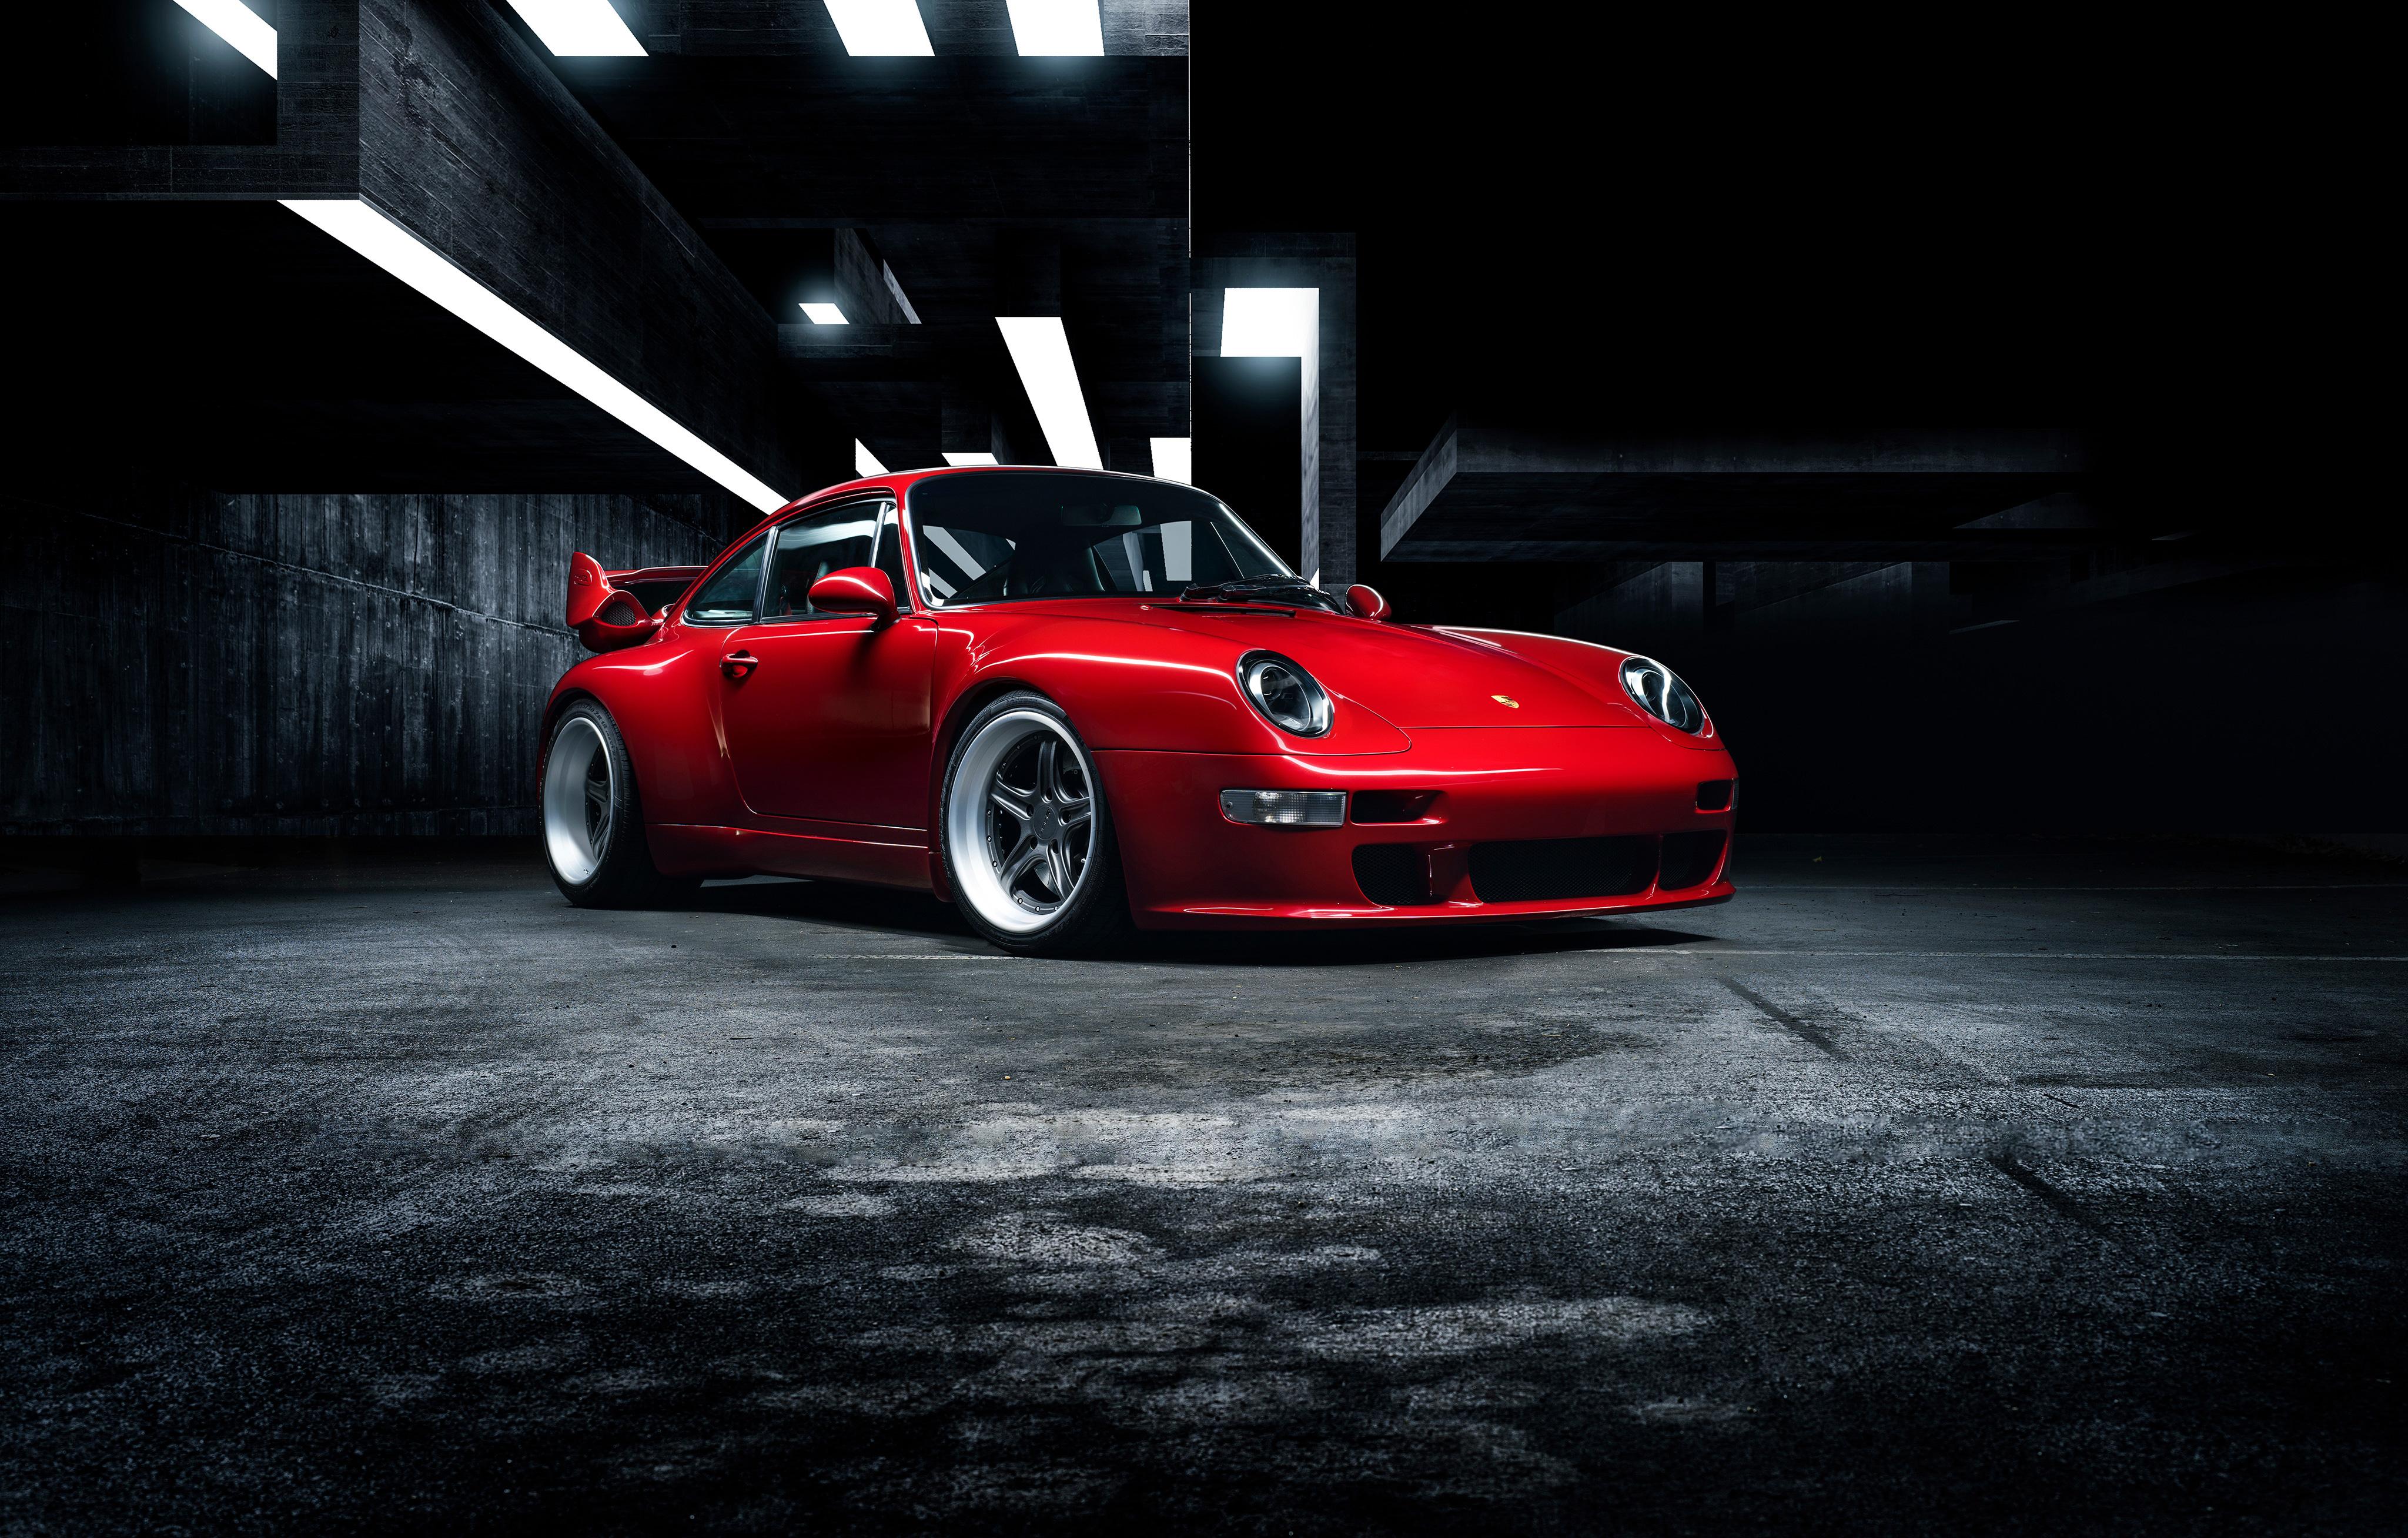 Porsche Hd Wallpapers 1080p: 1920x1080 Porsche Gunther Werks 400R Laptop Full HD 1080P